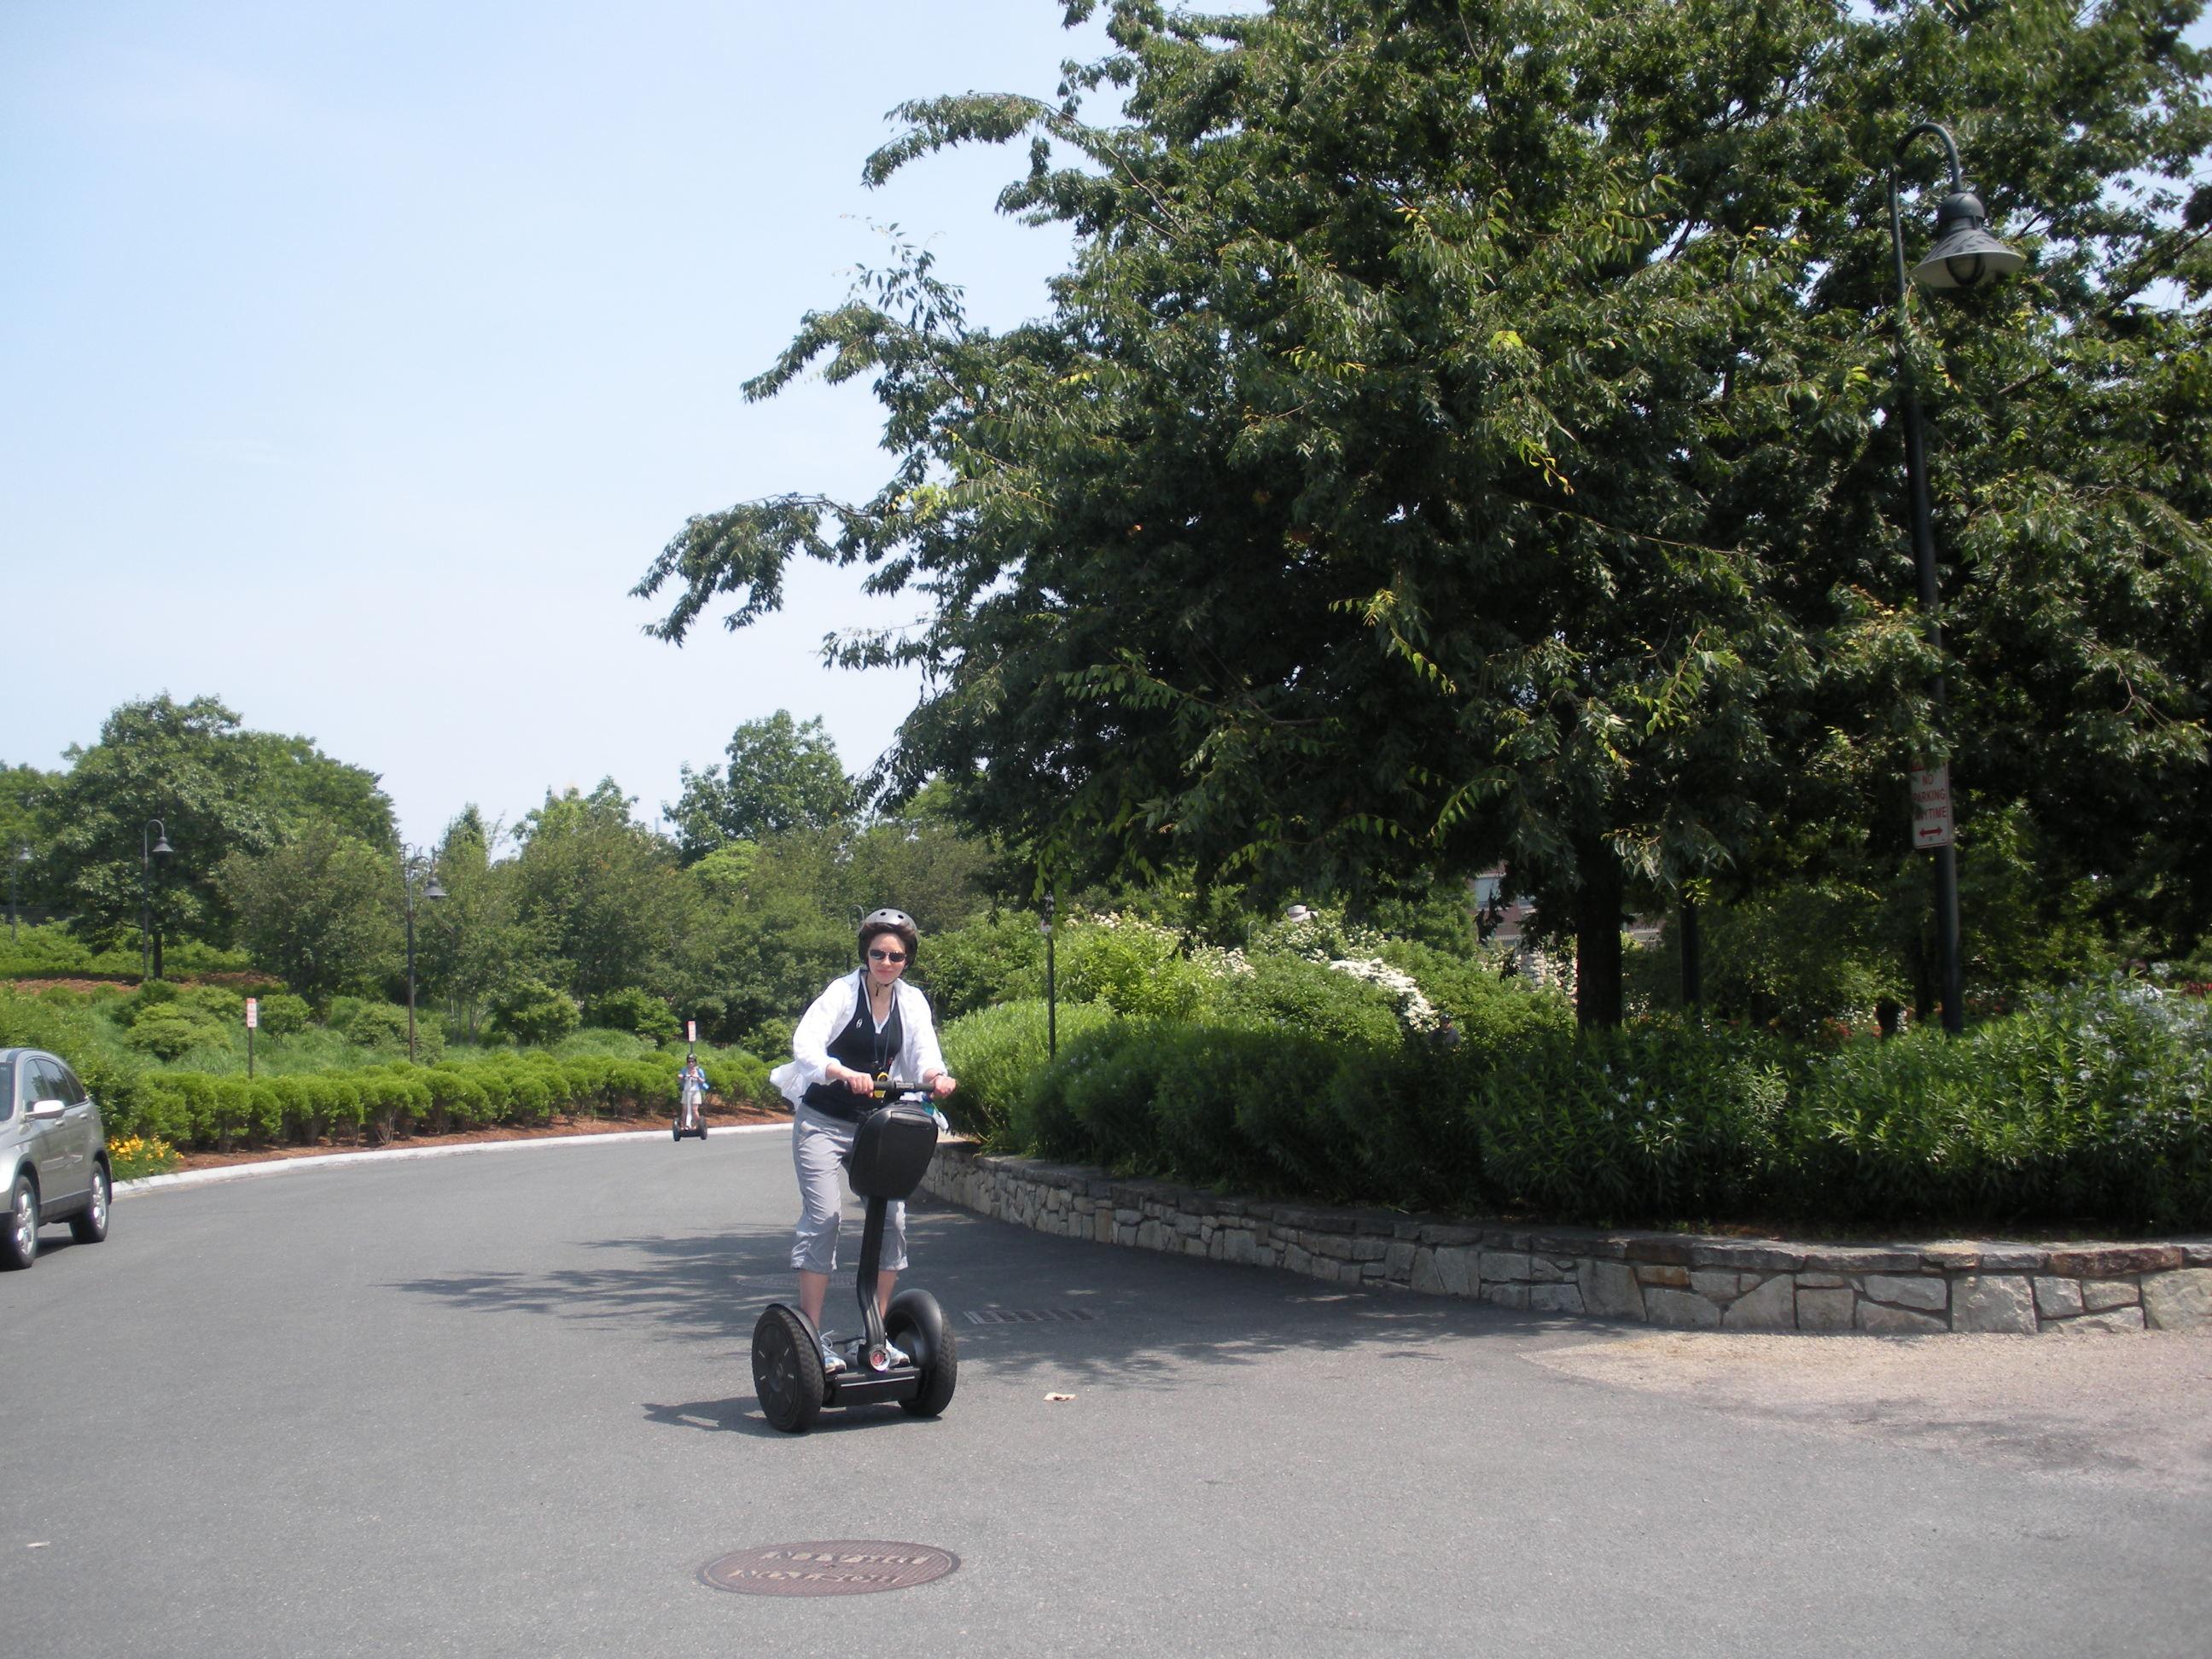 Wheeling Through Boston